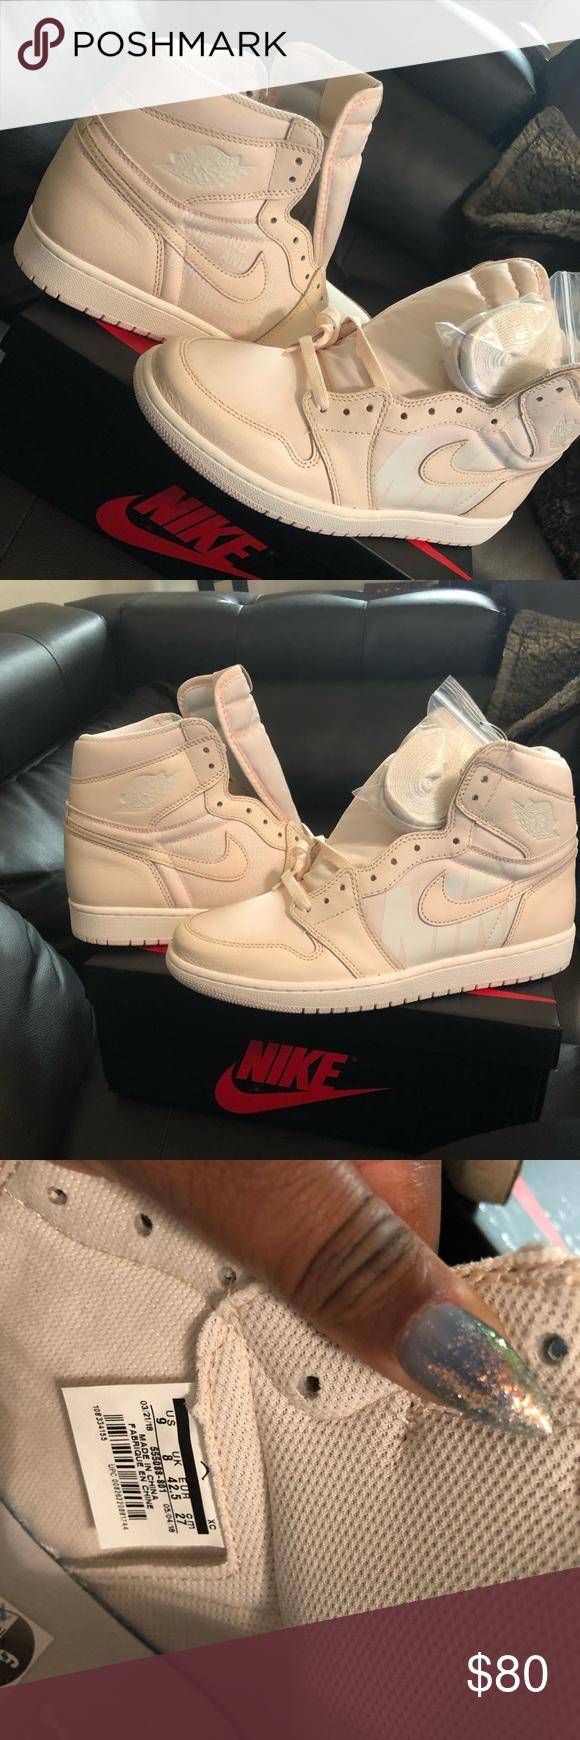 Air jordan 1s Brand new in box air jordan 1s Men's size 9 Women's size 7 Jordan Shoes Sneakers #airjordan1outfitwomen